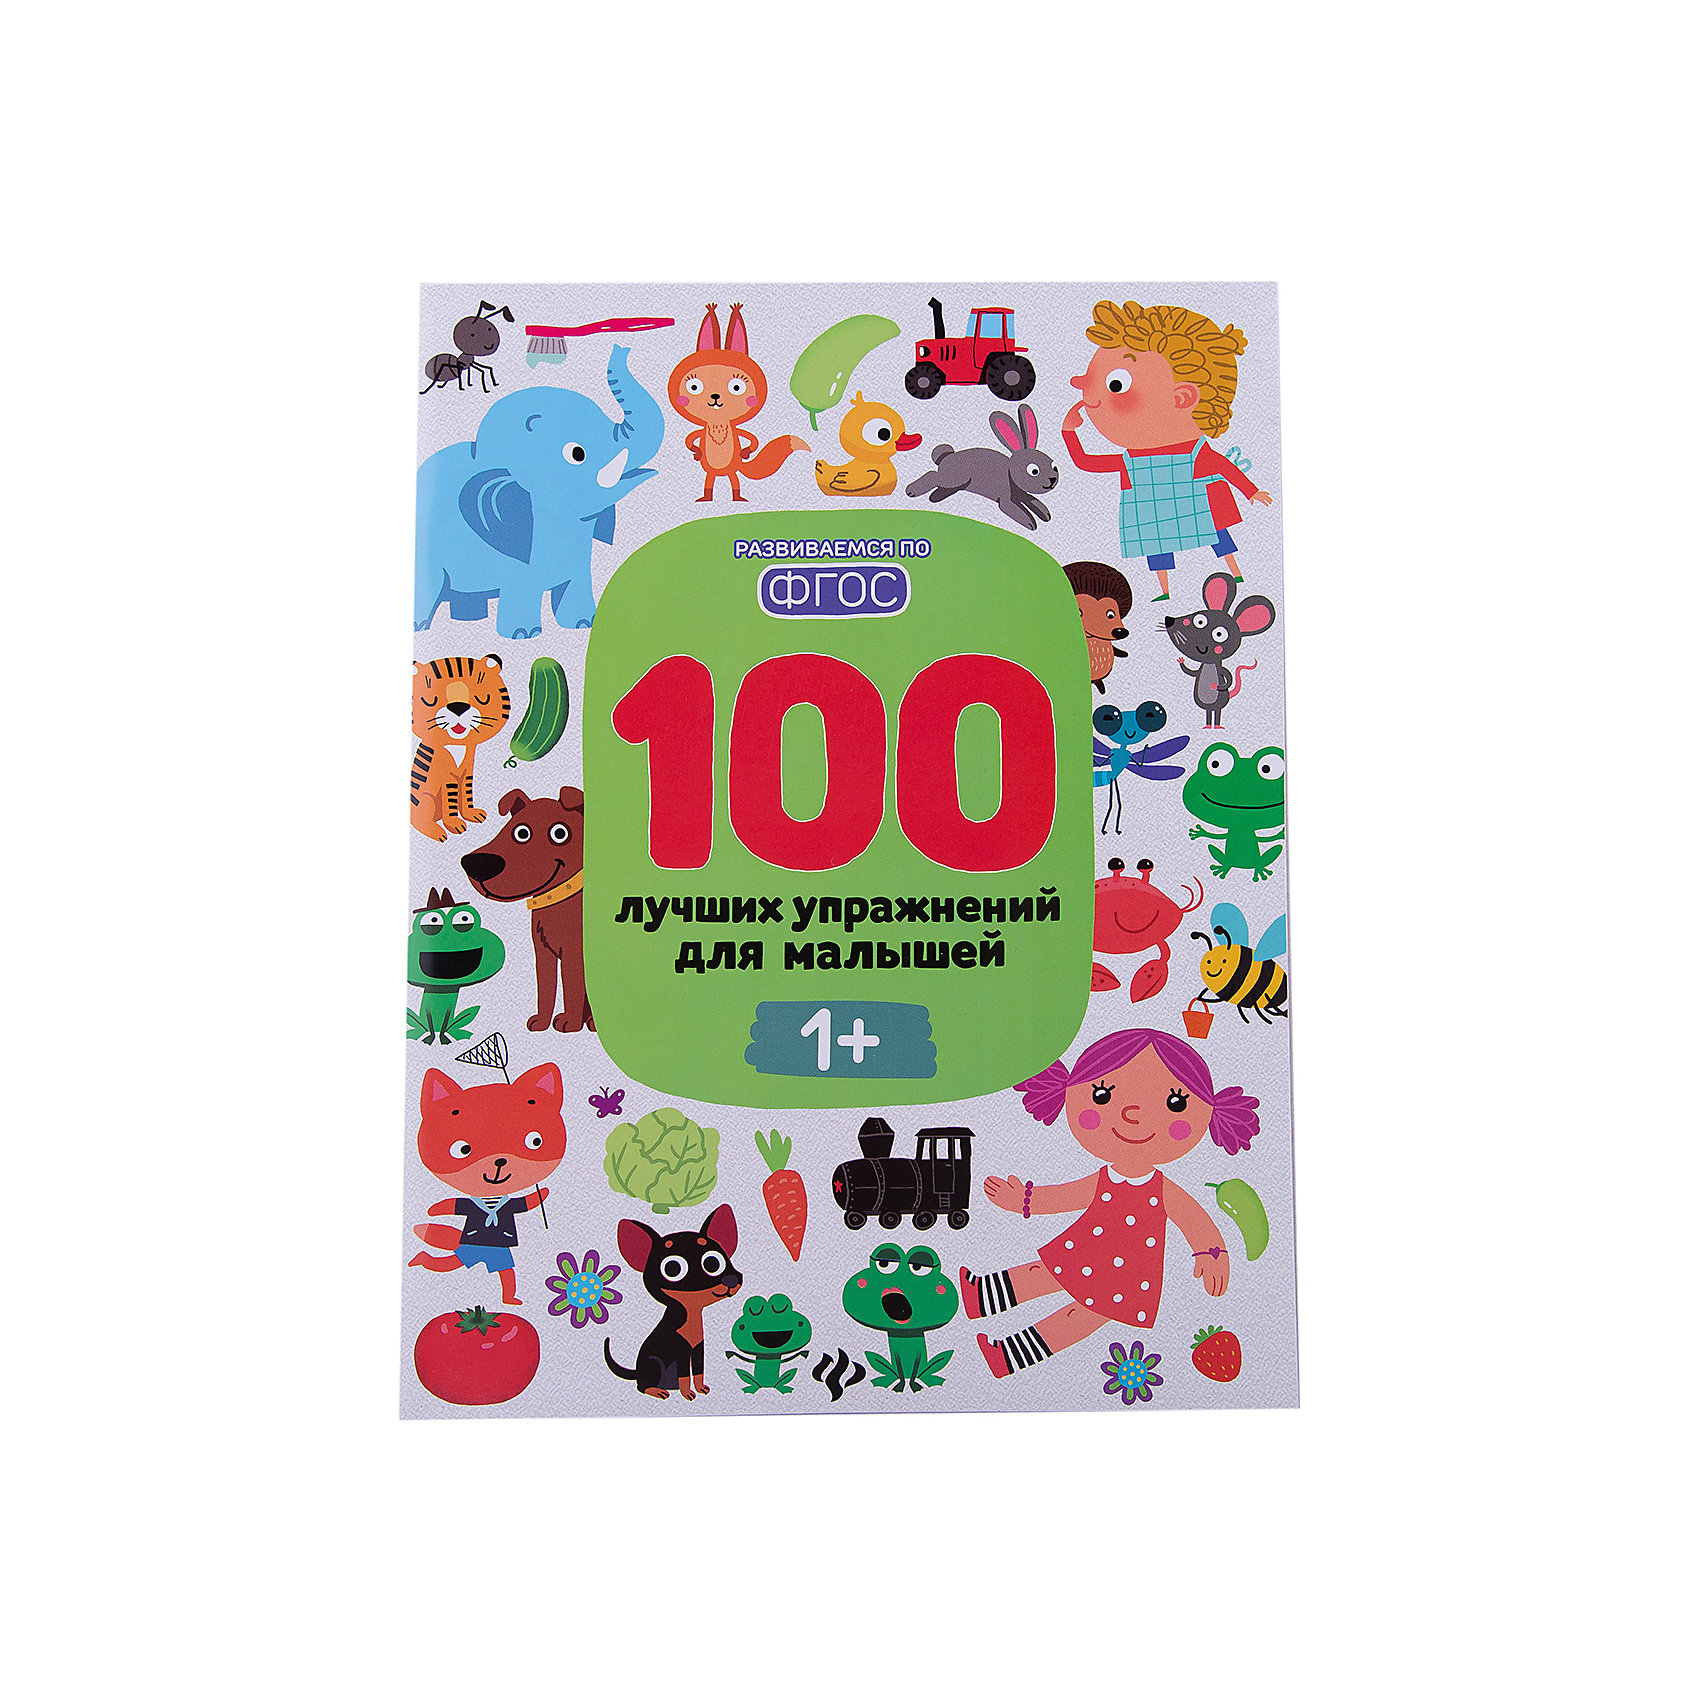 100 лучших упражнений для малышей, от 1 годаТесты и задания<br>Книга 100 лучших упражнений для малышей, от 1 года<br><br>Характеристики: <br><br>• Кол-во страниц: 64<br>• ISBN: 9785222271629<br>• Возраст: от 1 года<br>• Обложка: мягкая<br>• Формат: а4<br><br>В этой замечательной книге содержатся самые разнообразные веселые игры и задания, для развития вашего малыша! Все задания подобраны последовательно и дополняют друг друга, чтобы обеспечить комплексный подход к развитию вашего ребенка. В создании книги принимали участие опытные специалисты в области психологии, педагогики, логопедии и нейропсихологии. Всего в книге 100 заданий, которые вы сможете сделать вместе с малышом, помогая ему в развитии его познавательной активности.<br><br>Книга 100 лучших упражнений для малышей, от 1 года можно купить в нашем интернет-магазине.<br><br>Ширина мм: 260<br>Глубина мм: 202<br>Высота мм: 40<br>Вес г: 154<br>Возраст от месяцев: -2147483648<br>Возраст до месяцев: 2147483647<br>Пол: Унисекс<br>Возраст: Детский<br>SKU: 5464474